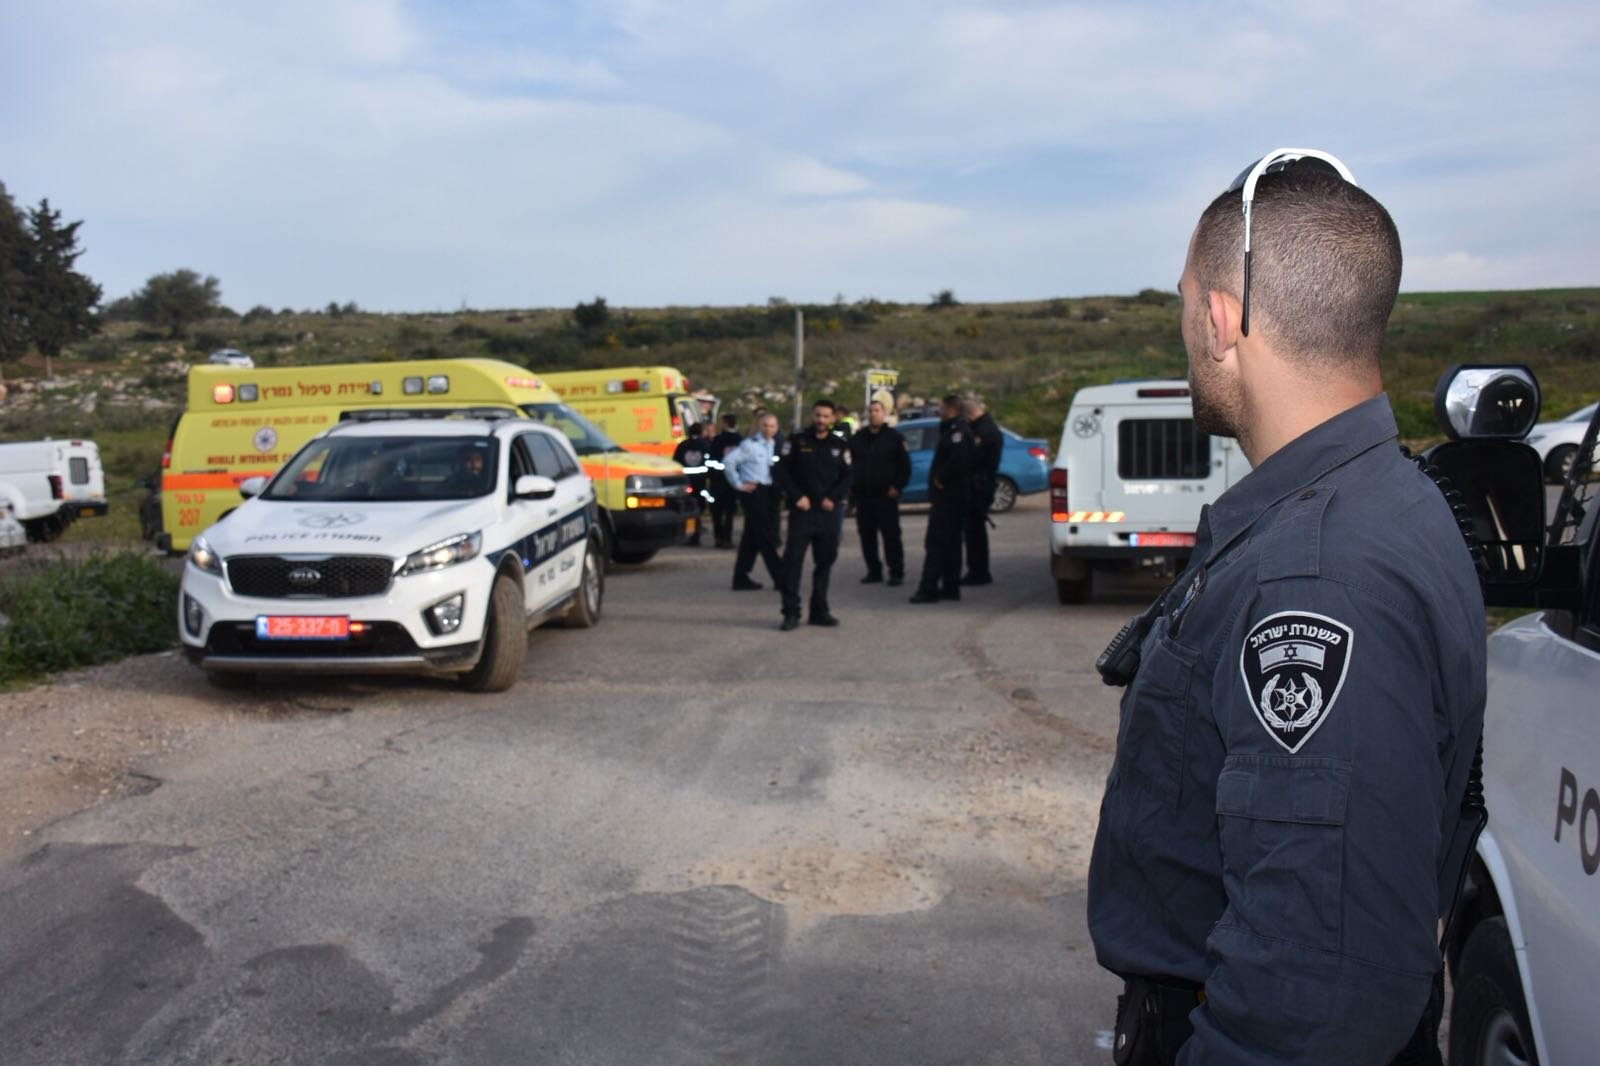 الشرطة تغلق الطرق المؤدية الى كيبوتس هاردوف مكان سقوط الطائرة